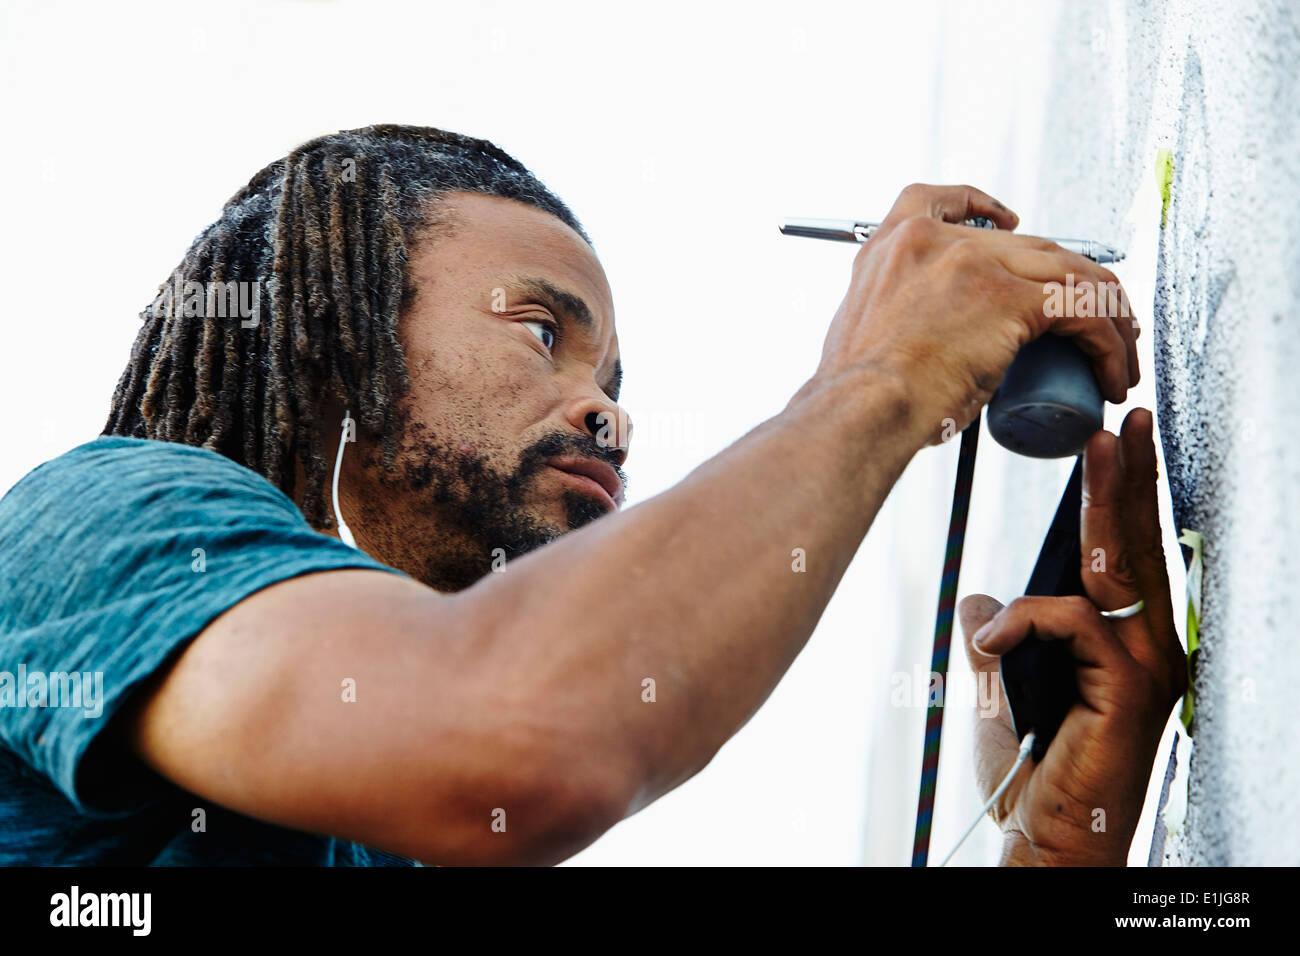 Chiusura del maschio americano africano aerografo artista pittura murale Immagini Stock